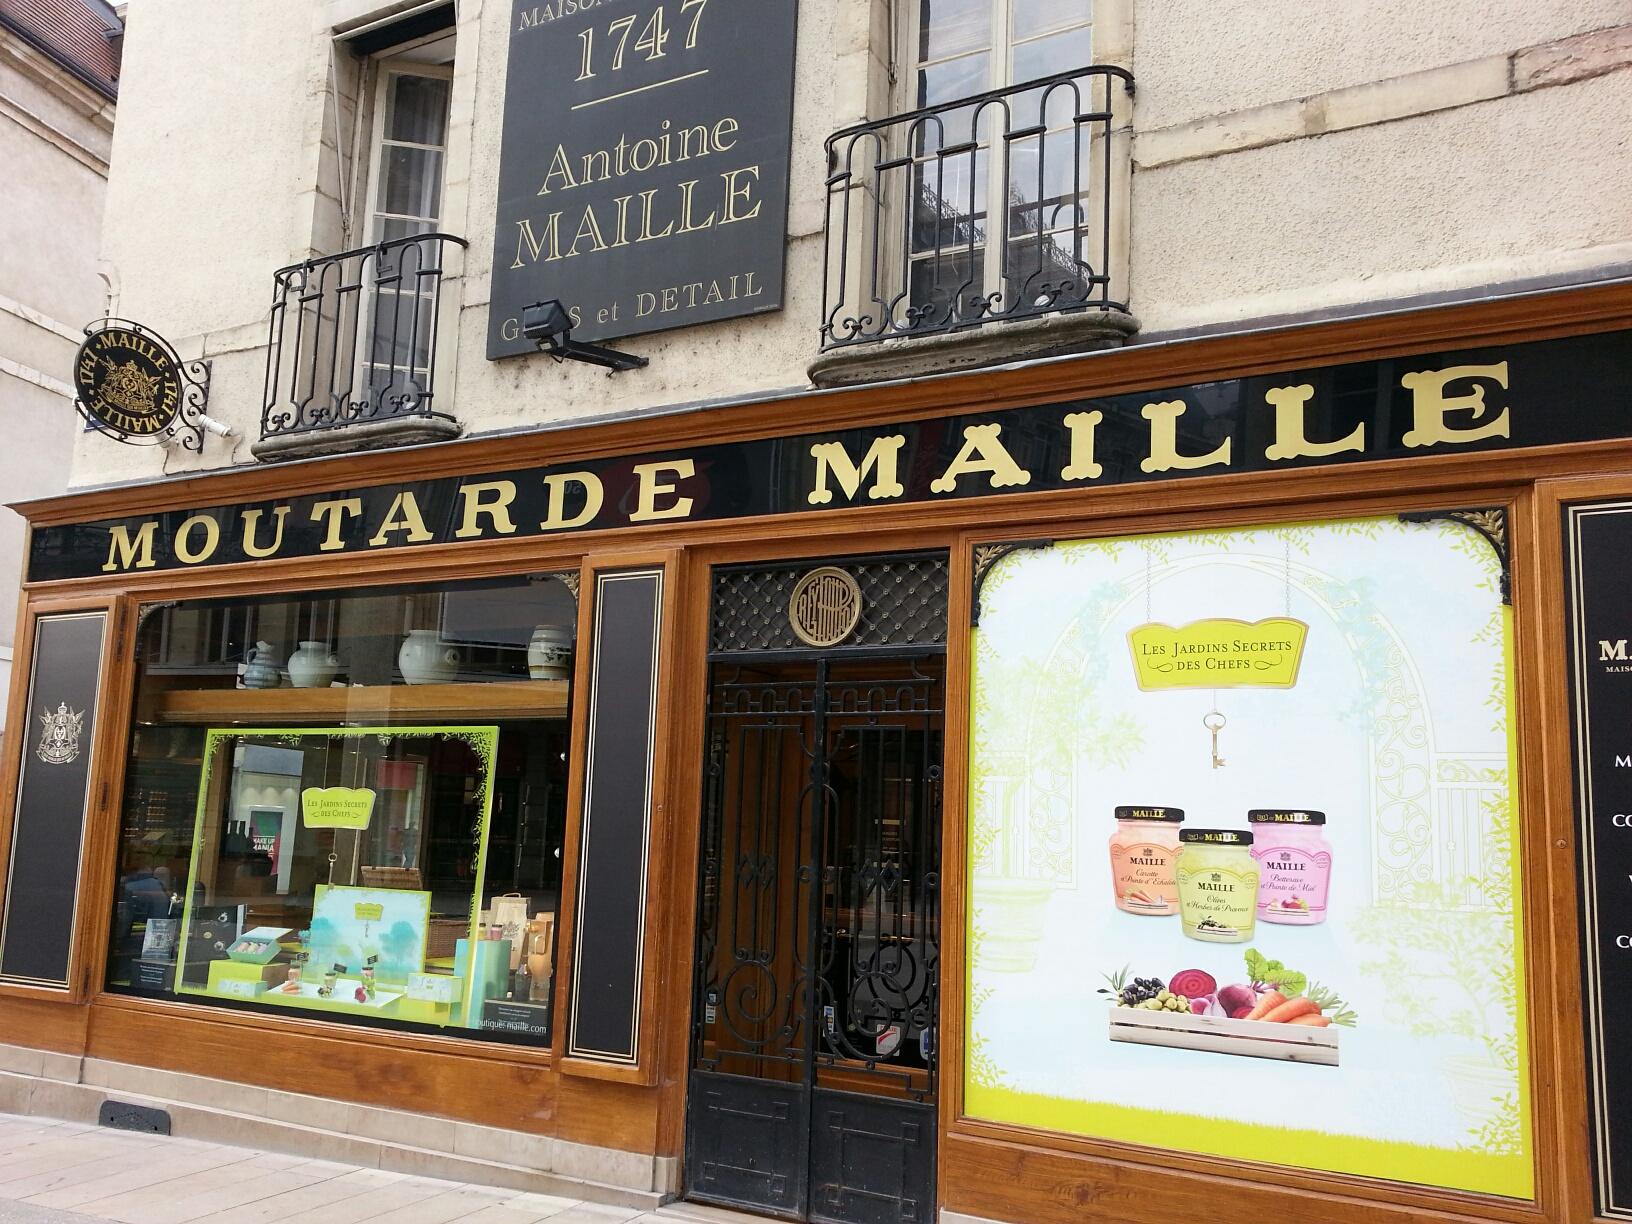 Maille boutique